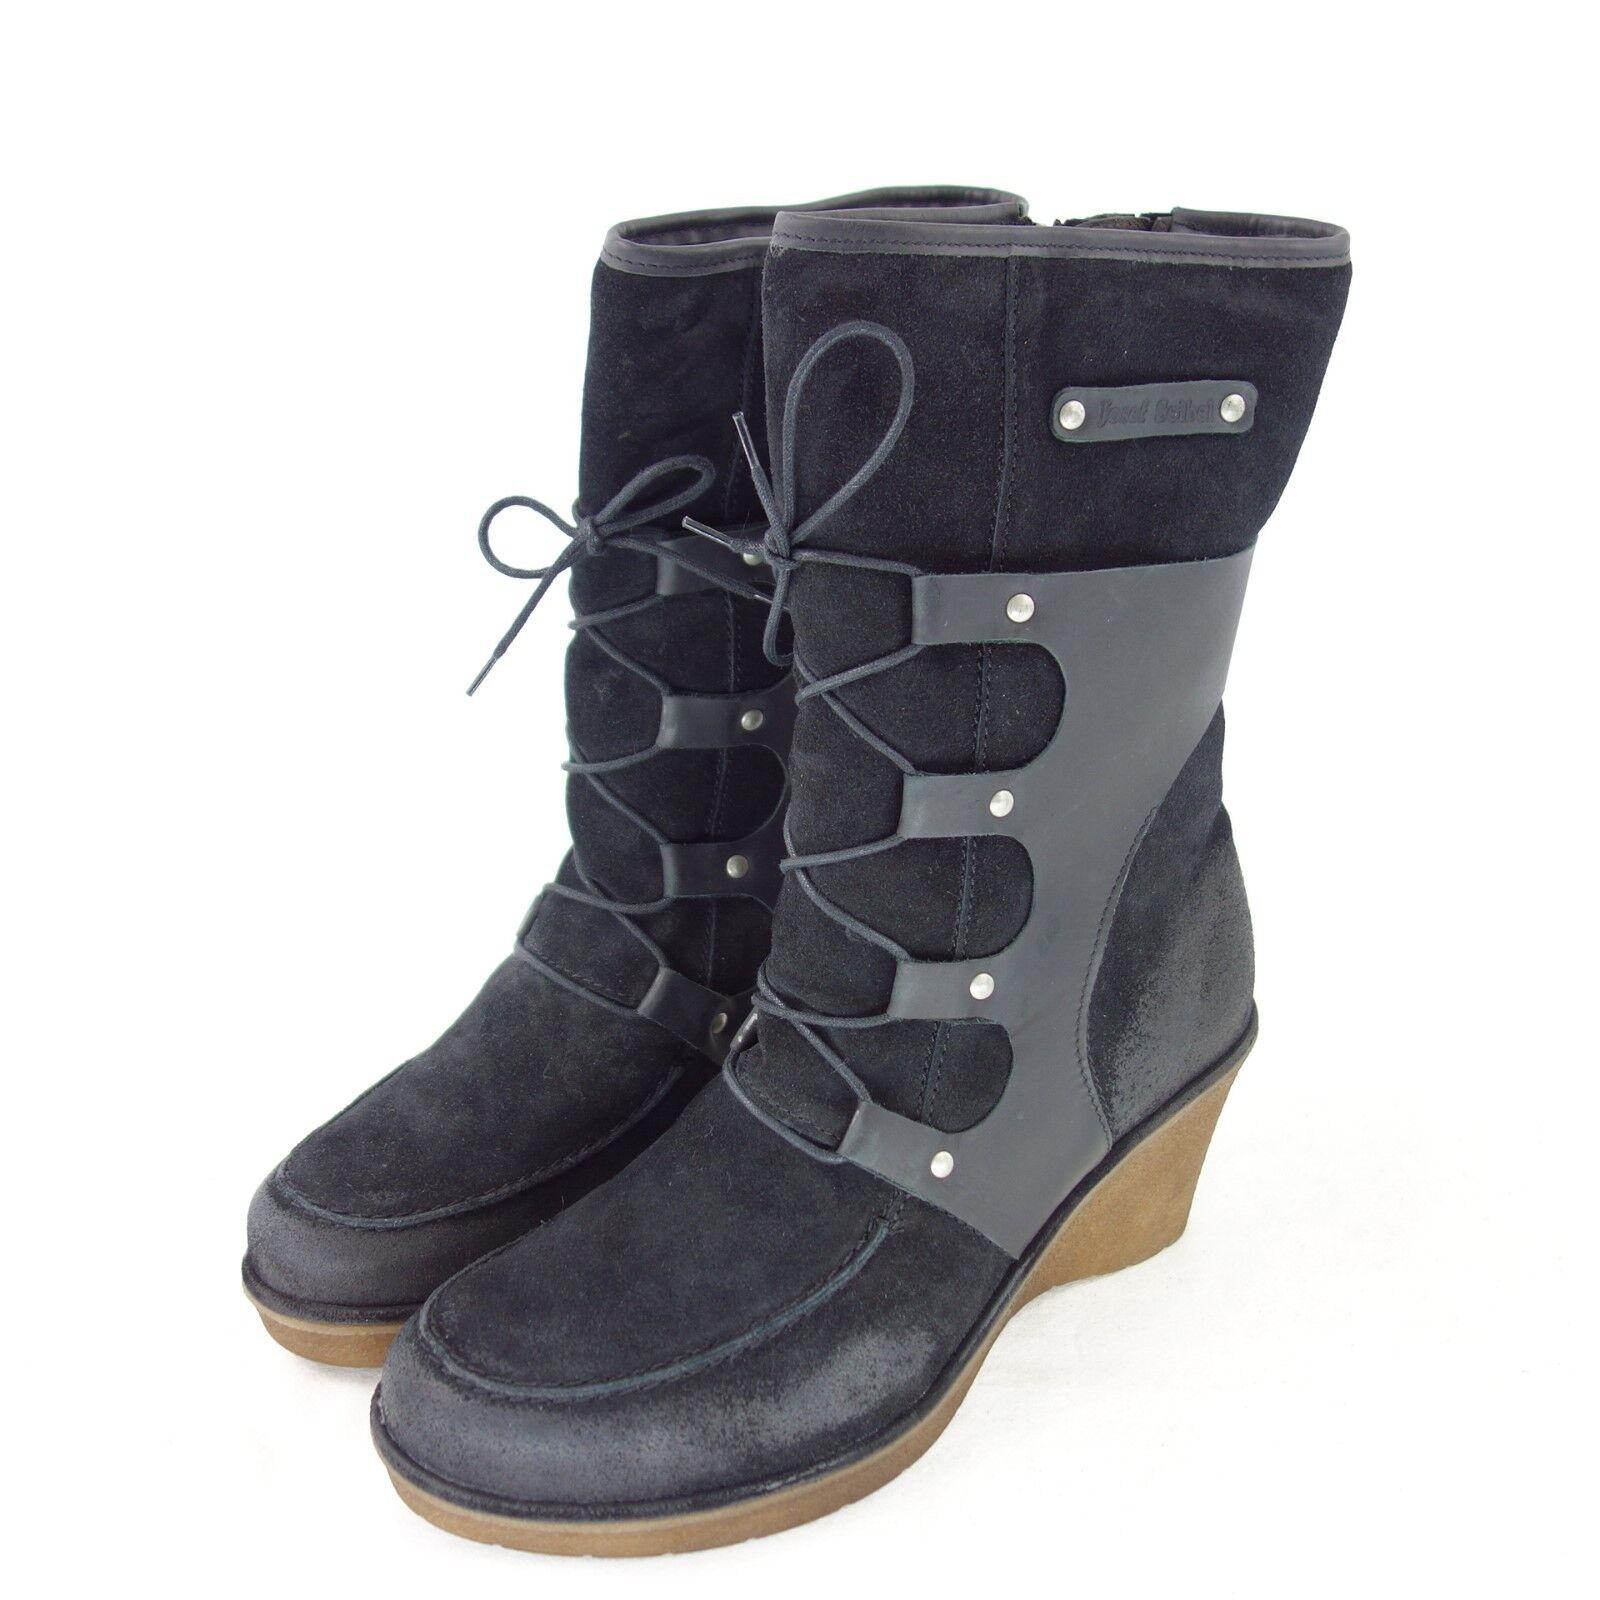 JOSEPH SEIBEL Damen Stiefeletten Stiefel Schuhe NP Gr 41 Leder Schwarz NP Schuhe 126 NEU 509e99